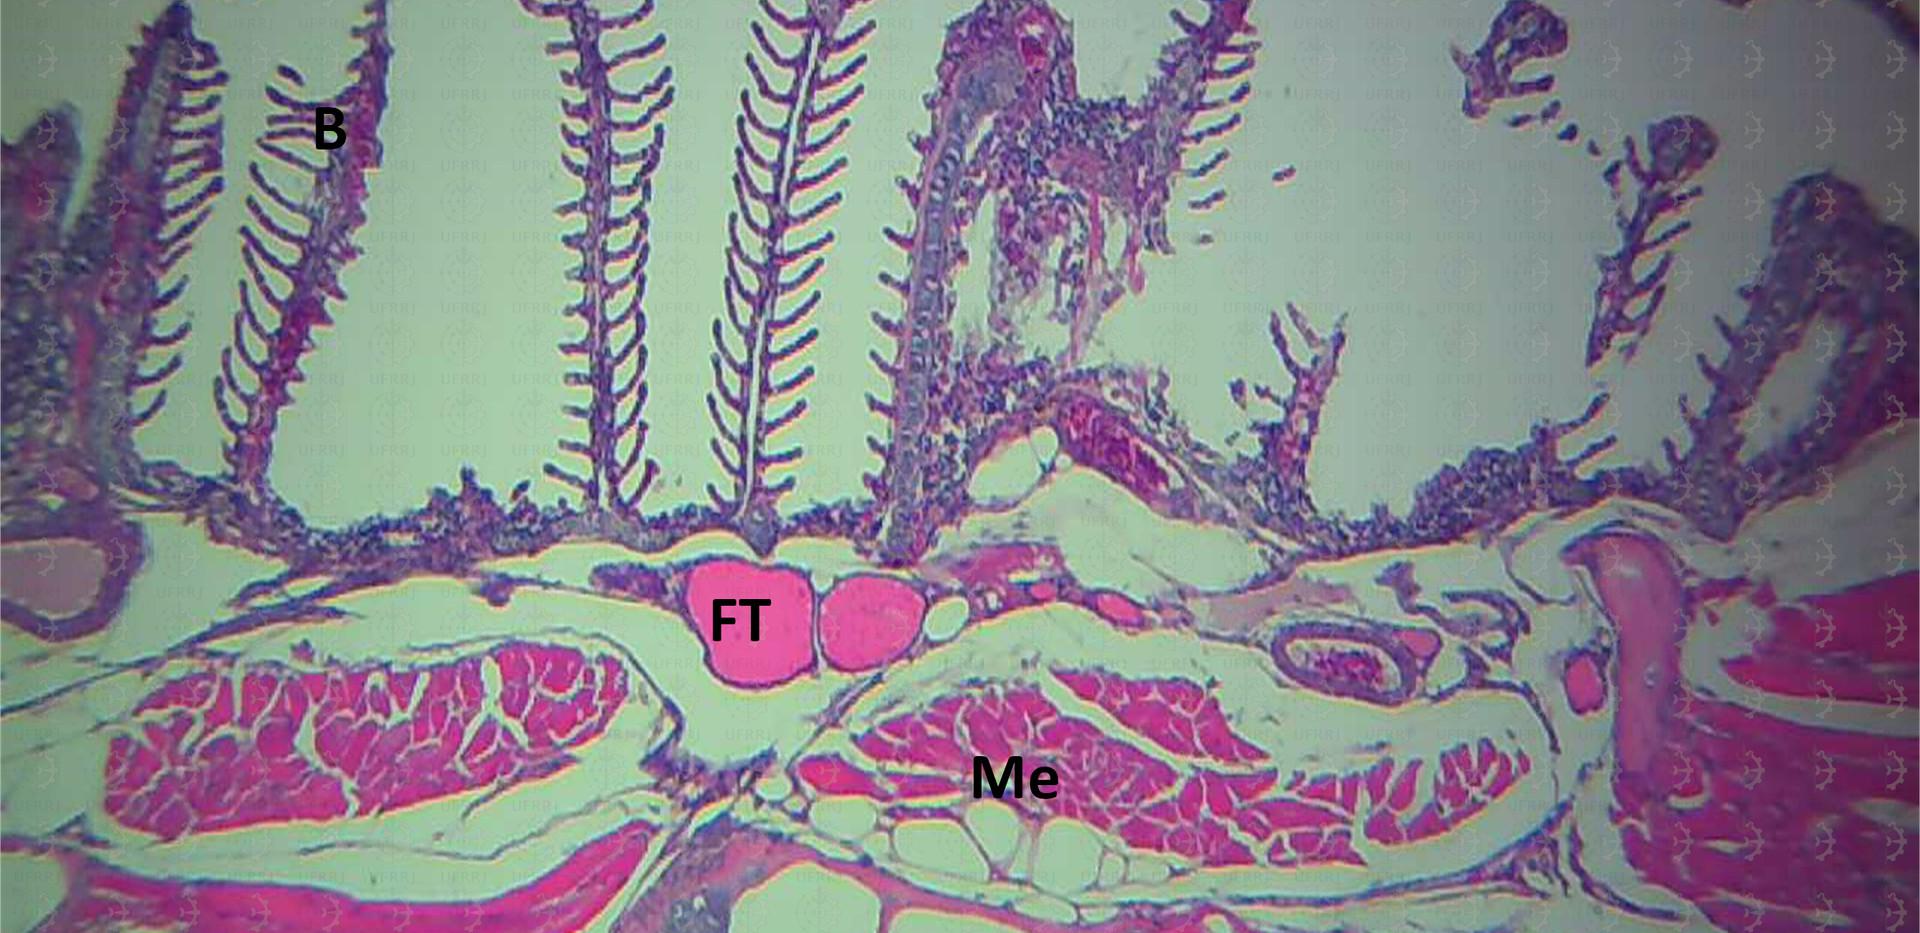 Faringe e Brânquias